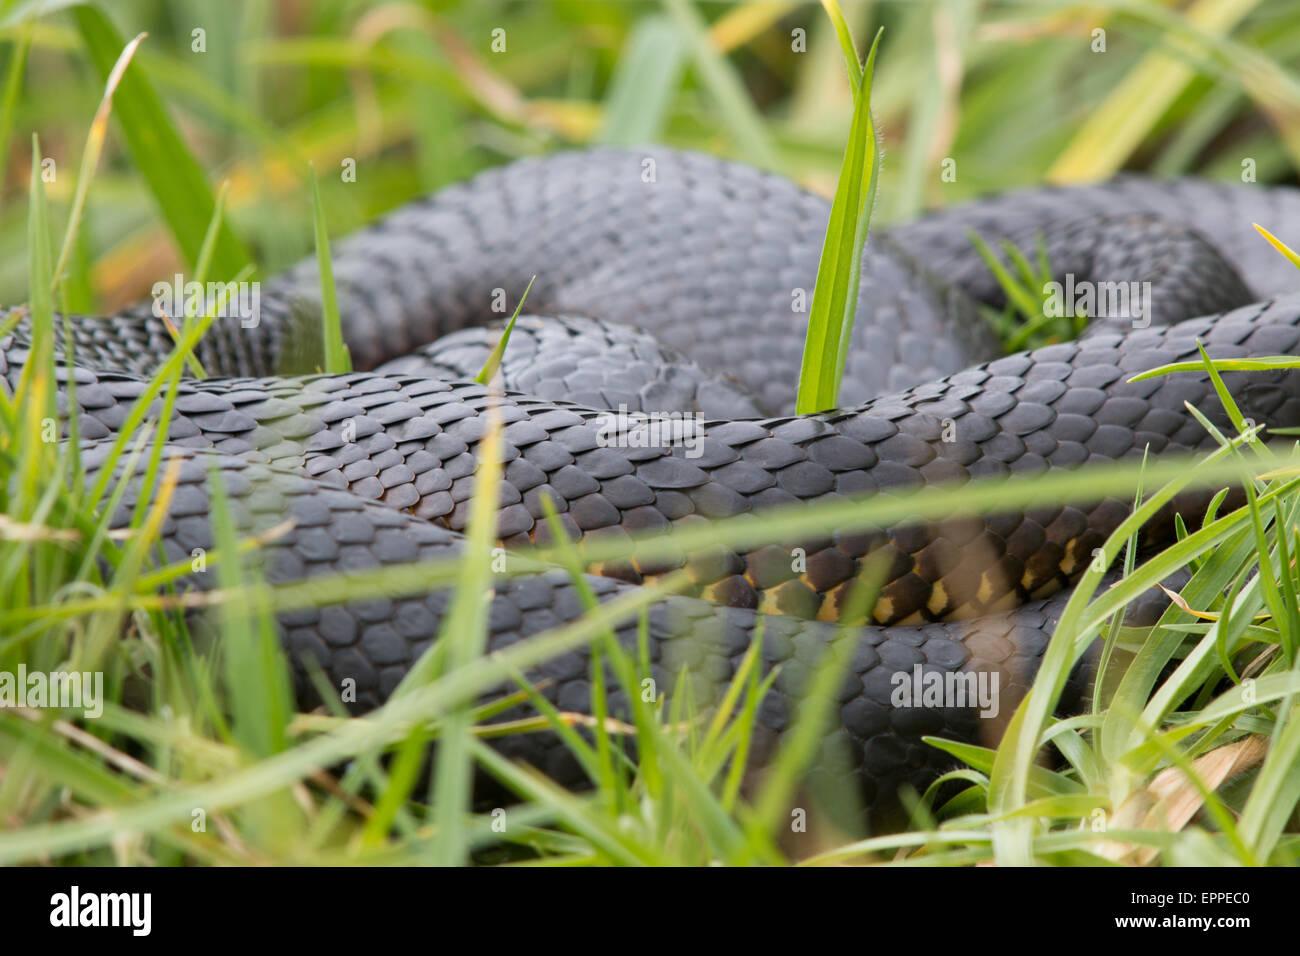 Tiger Snake (Notechis scutatus) basking in long grass - Stock Image